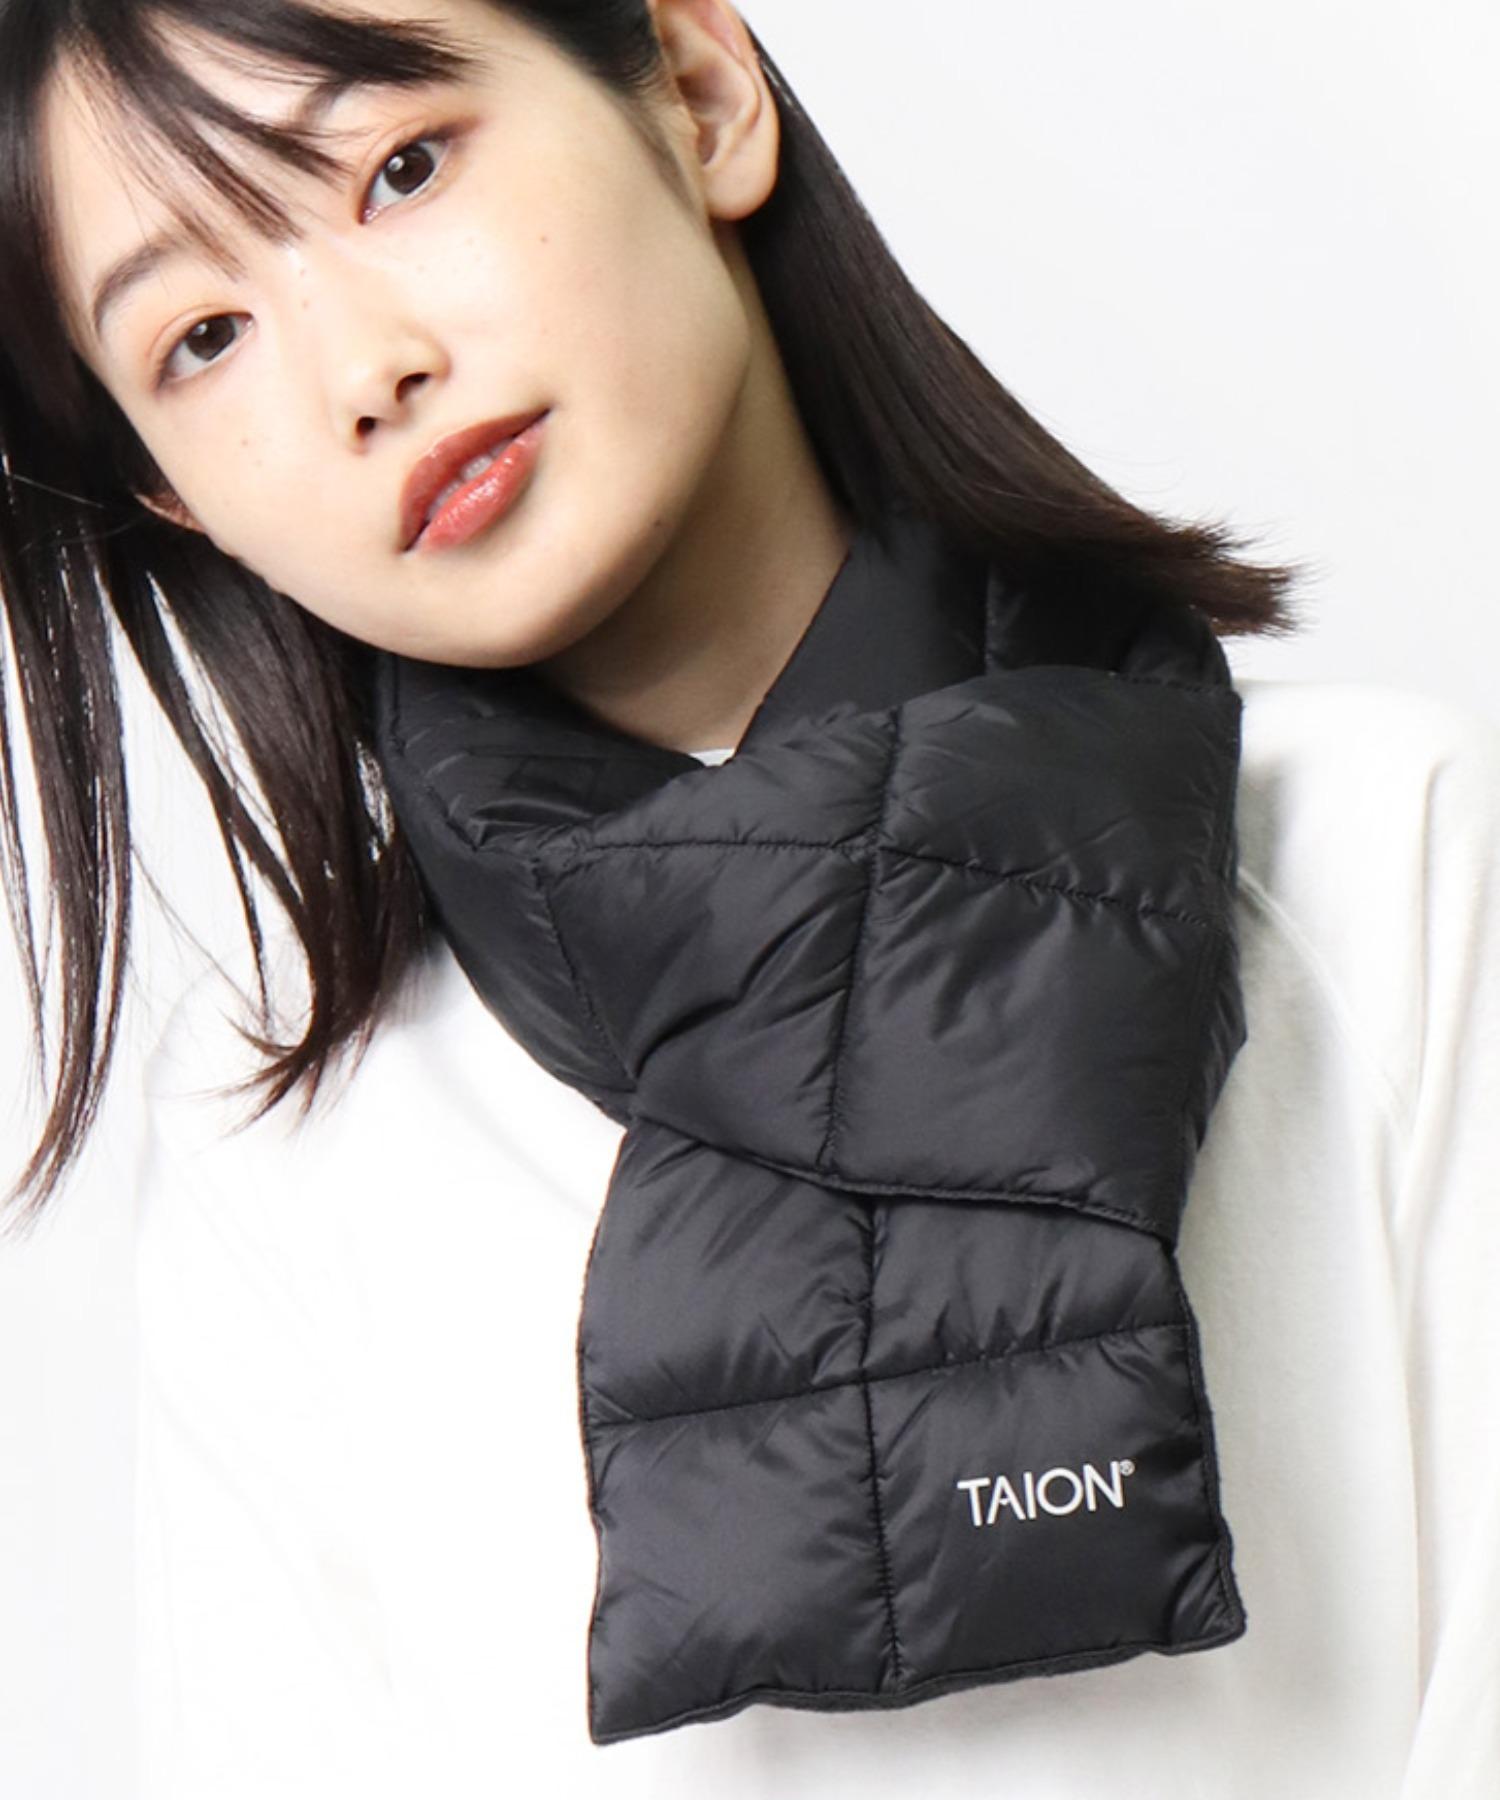 【 TAION / タイオン 】ベーシック ダウンマフラー DON TAION2012